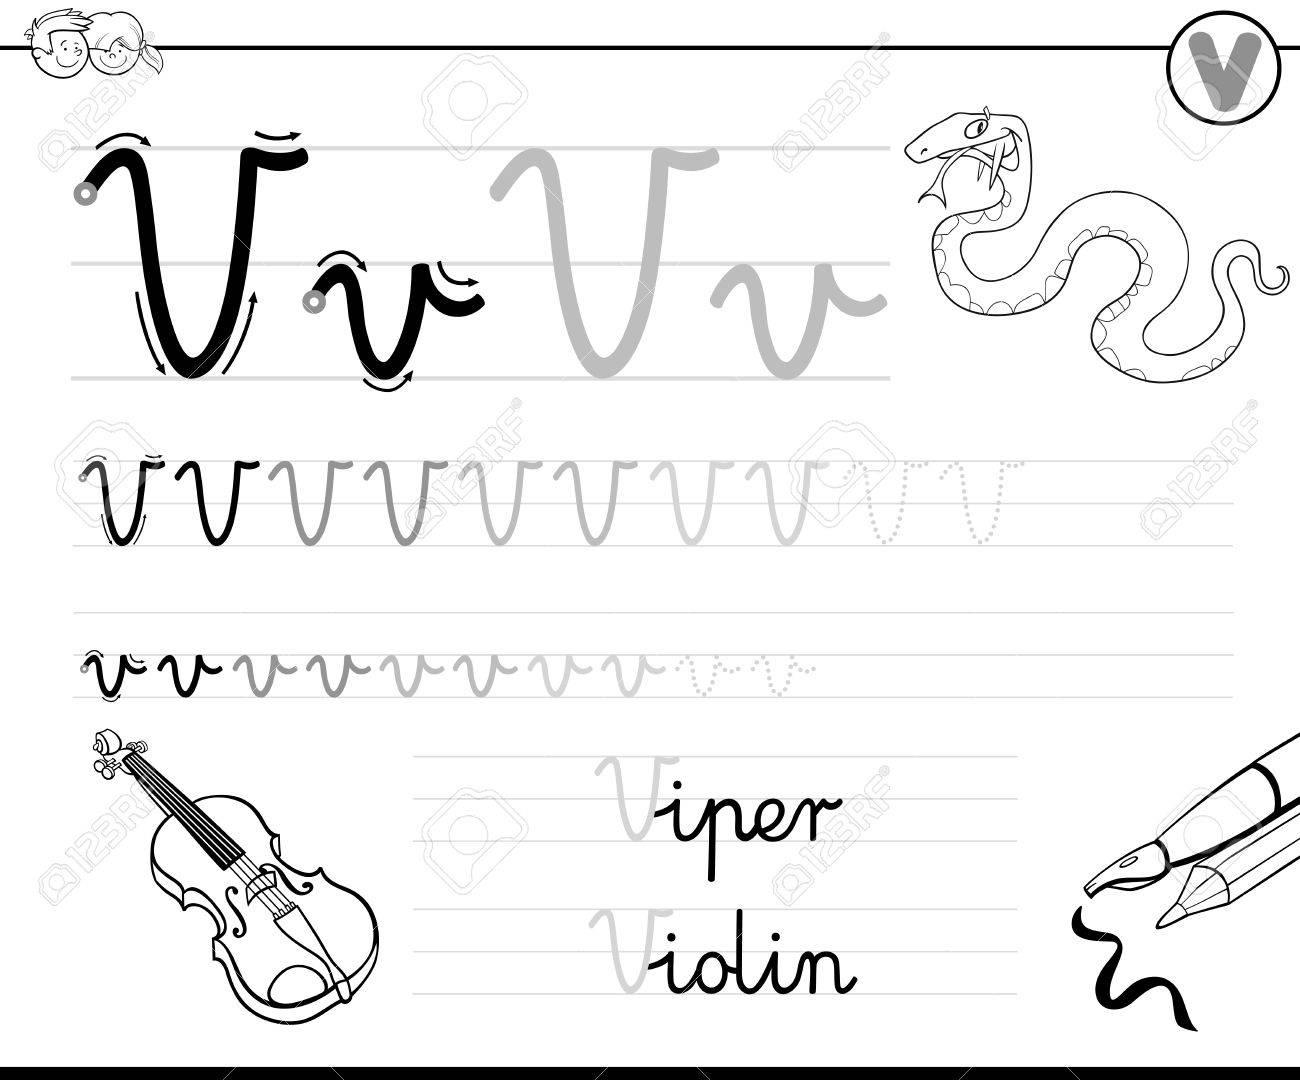 Schwarz Und Weiß Karikatur Illustration Des Schreibens Fähigkeiten ...